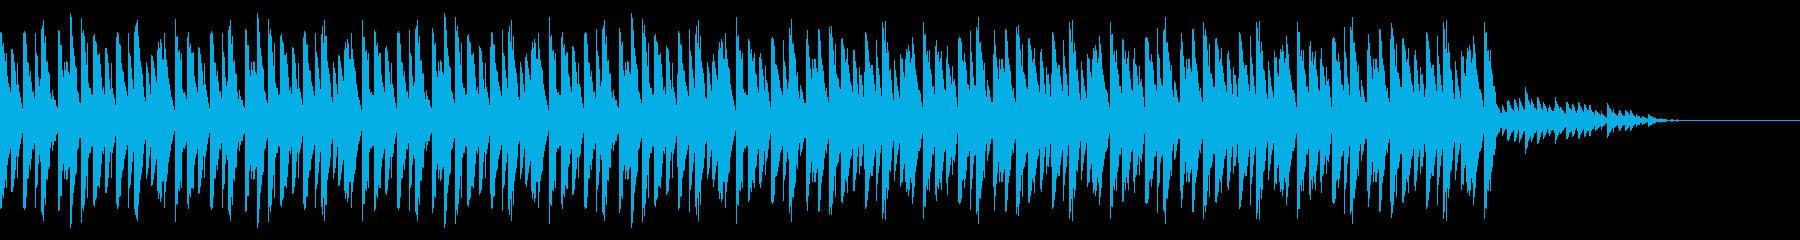 不思議な機械的リズムとピンポンの再生済みの波形